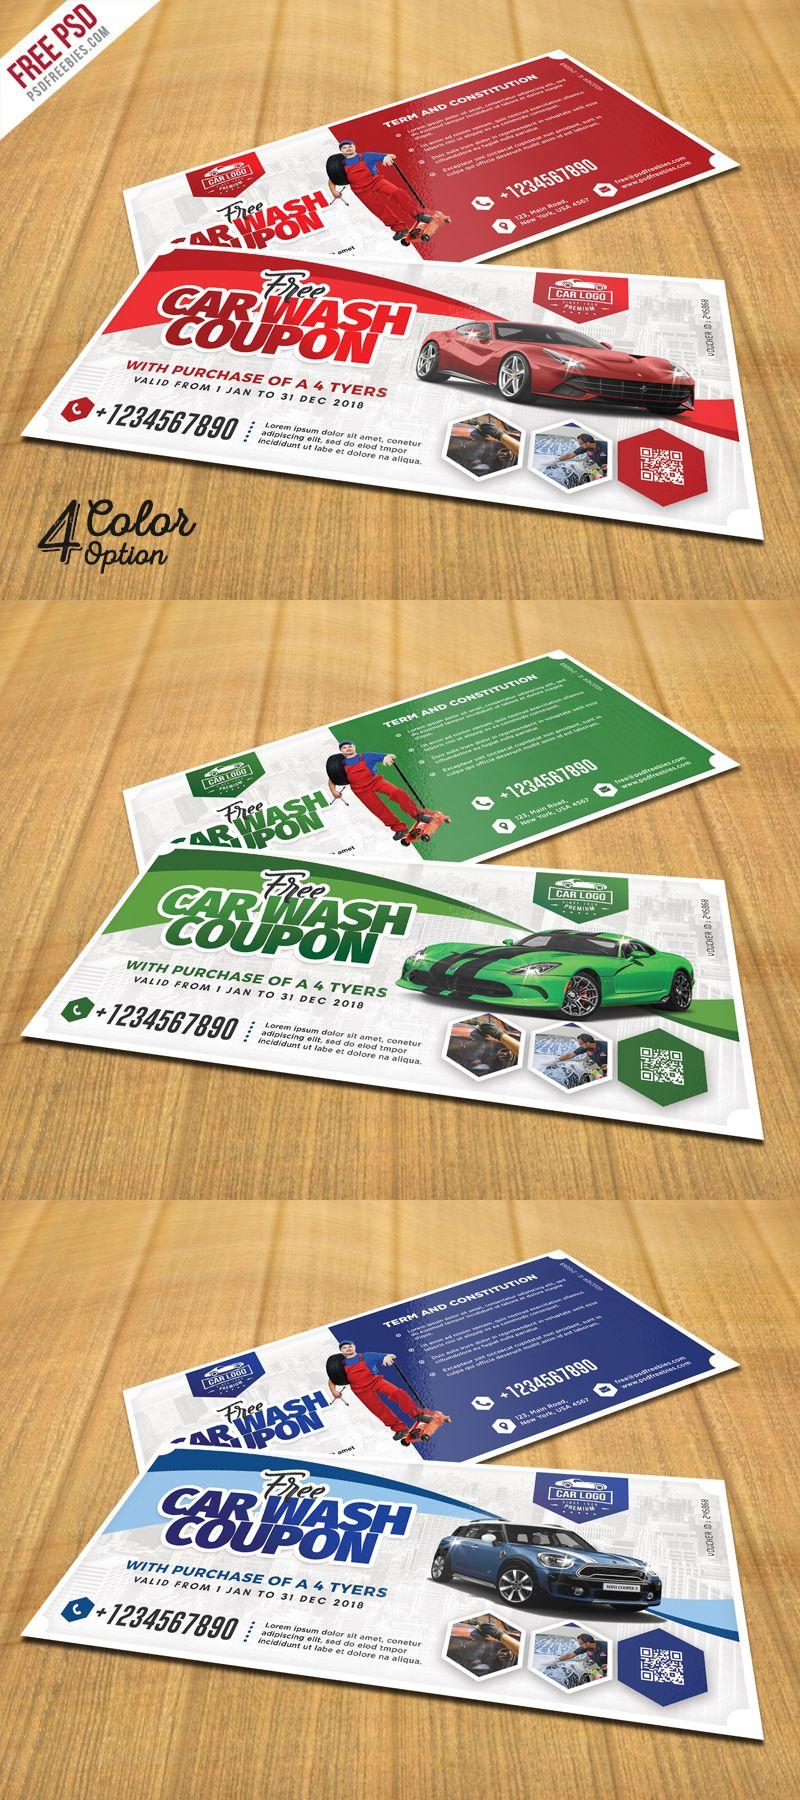 Car wash coupon template psd set industrial construccin car wash coupon template psd set maxwellsz